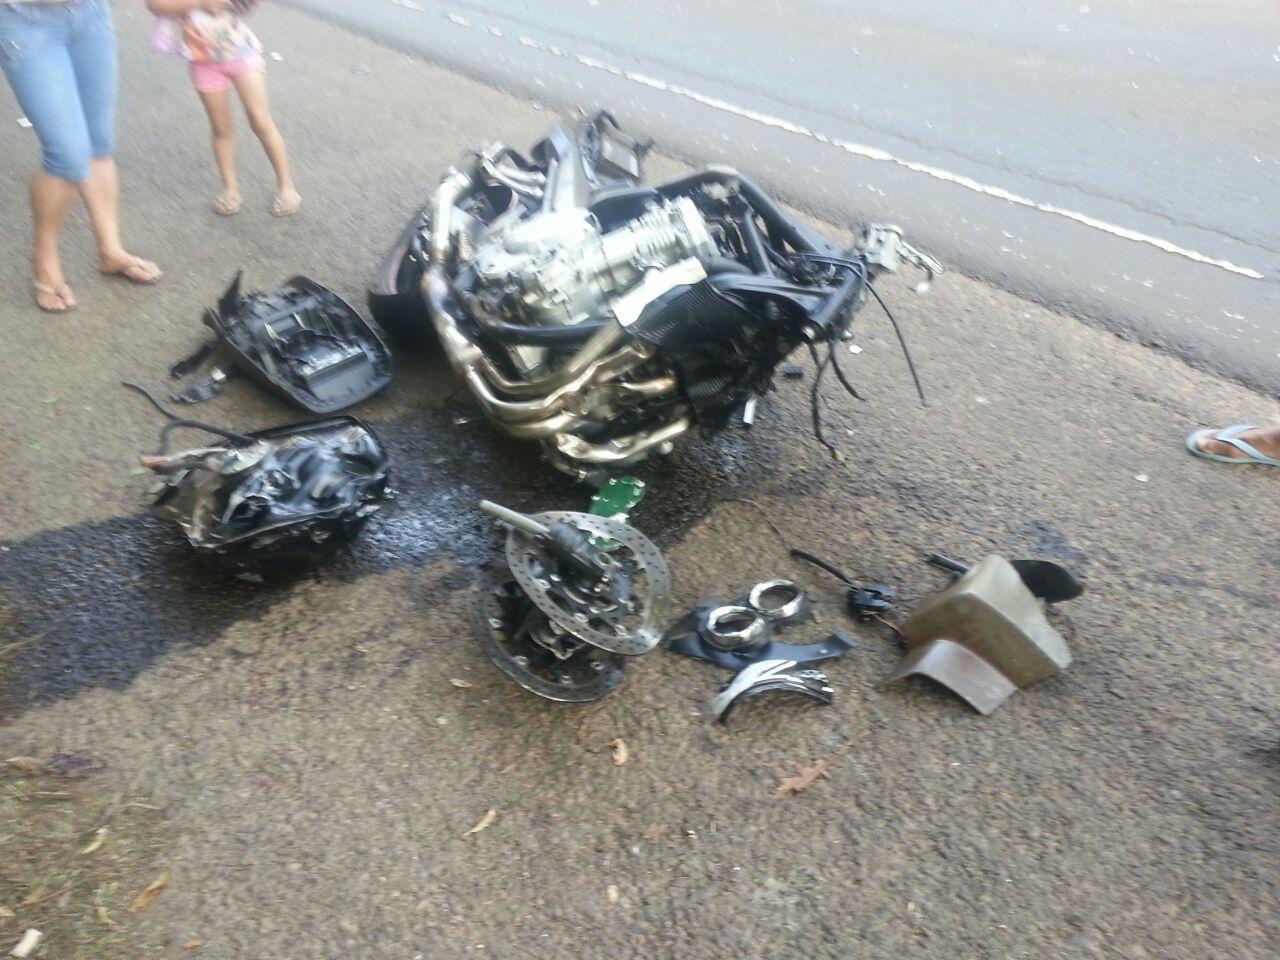 Motociclista de Cambé sofre acidente na PR 445 no Jardim Novo Bandeirantes